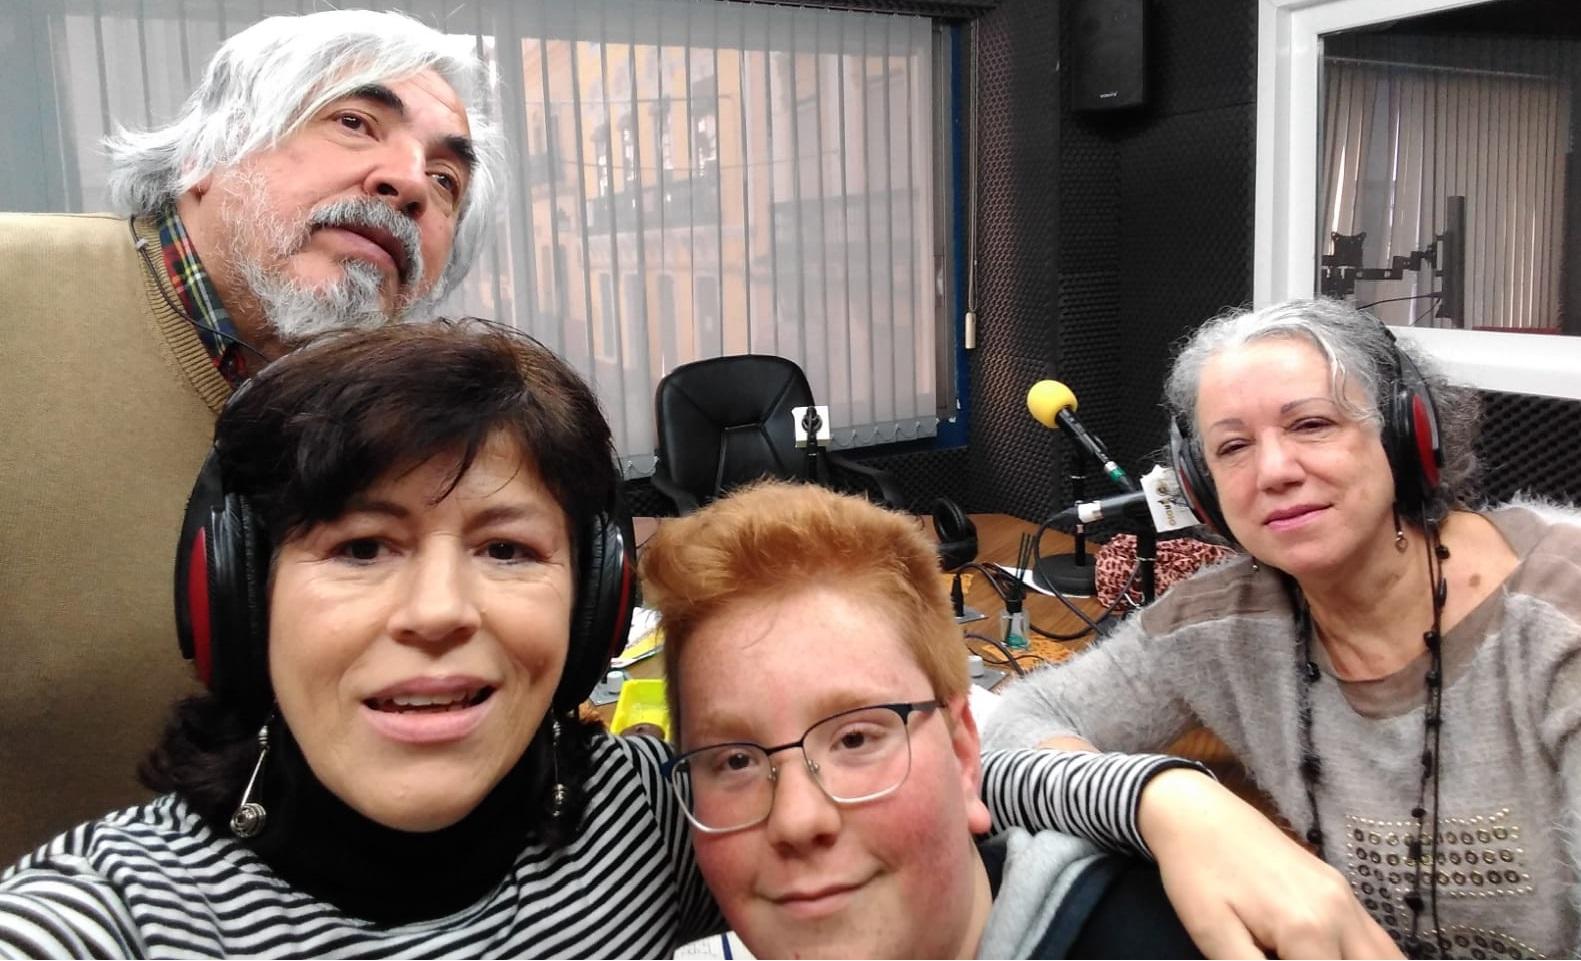 Vigésimo programa de la 3ª temporada de ¡Qué tal!¿Cómo estamos? Con Álex Castellano e Inés Fontiveros